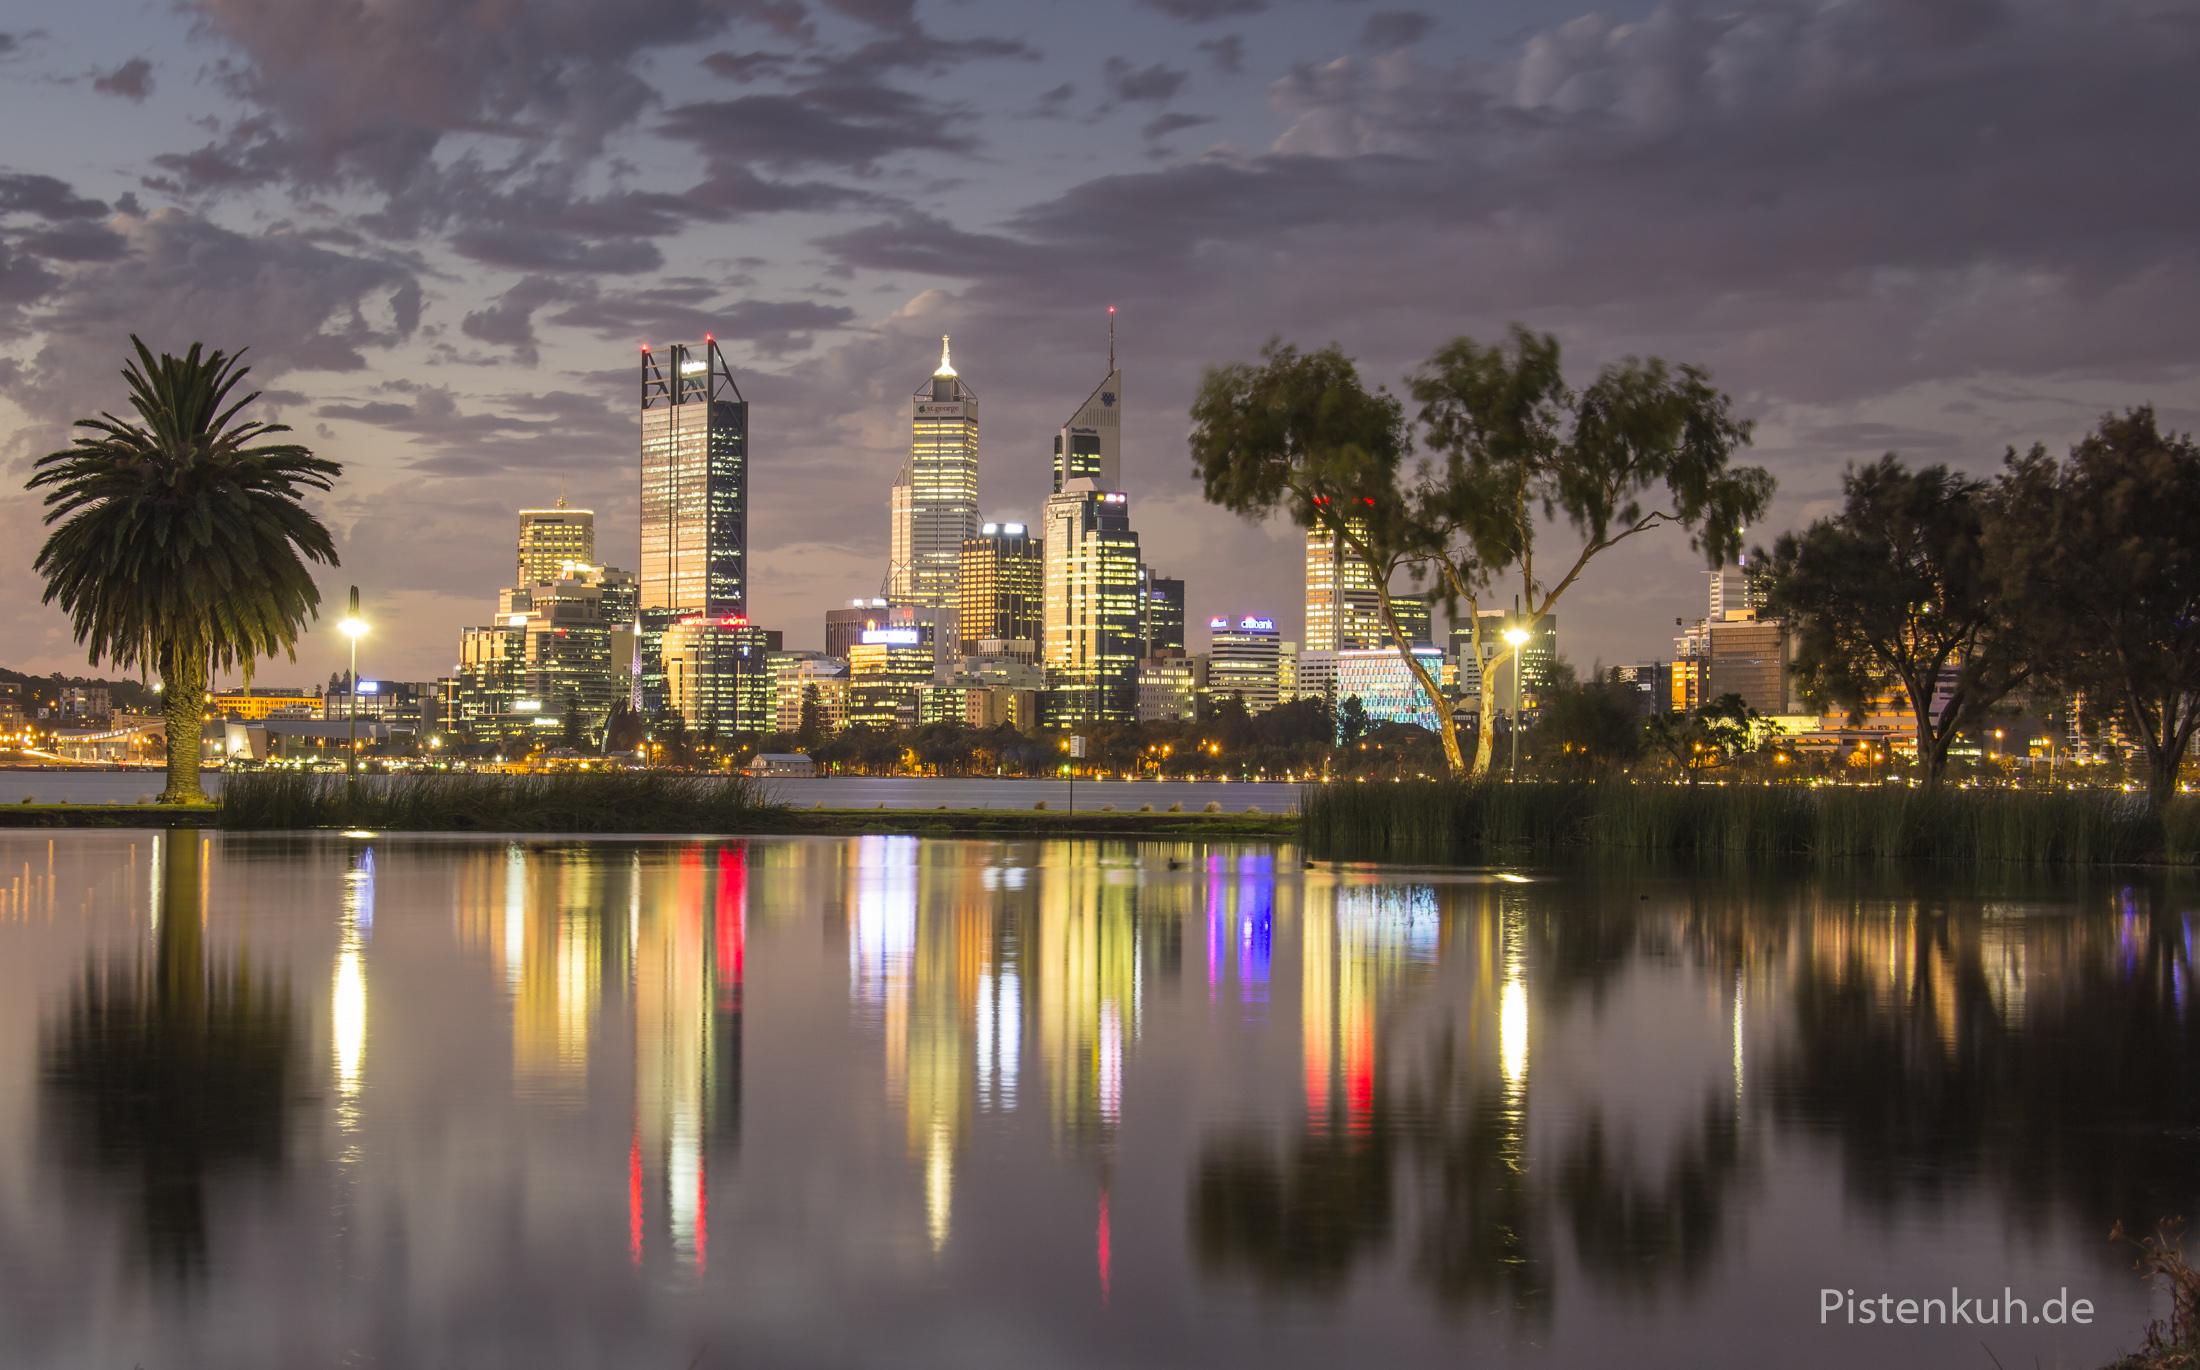 Nachtaufnahme von Perth ISO 100, Blende 8, 10 Sekunden